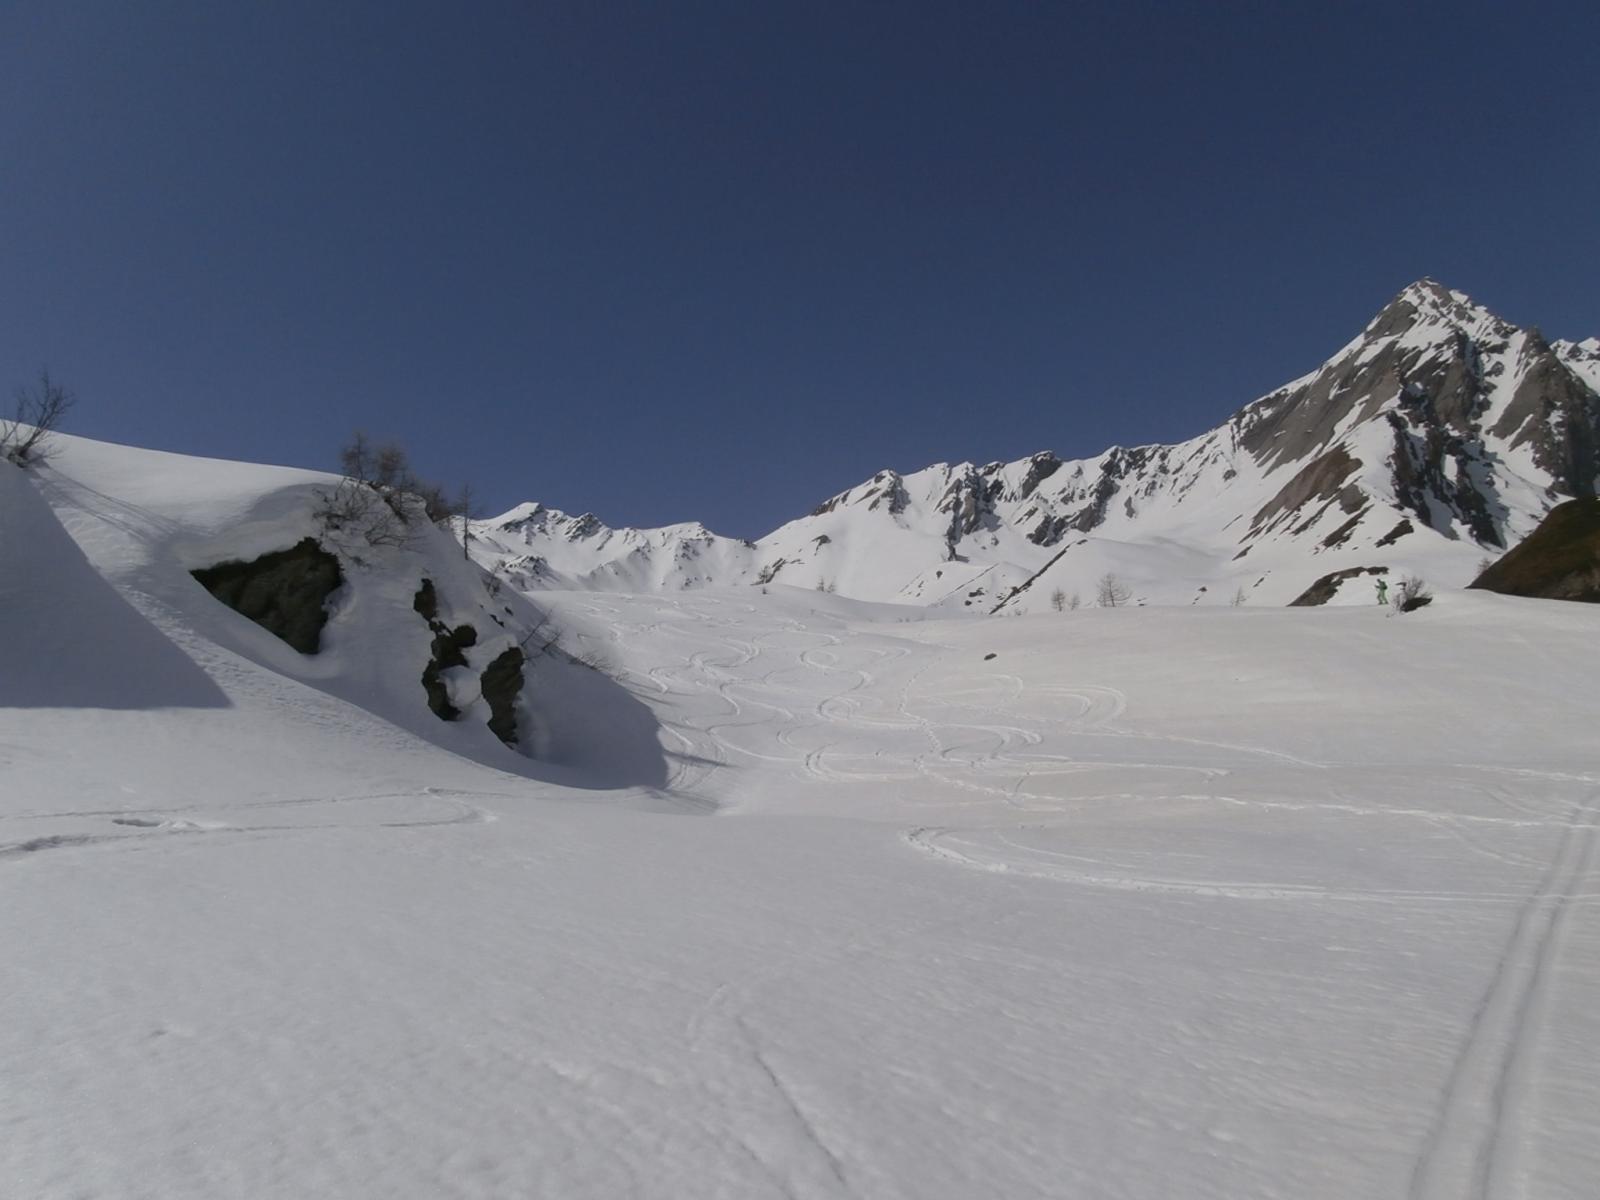 tratto intermedio con belle curve in neve trasformata...